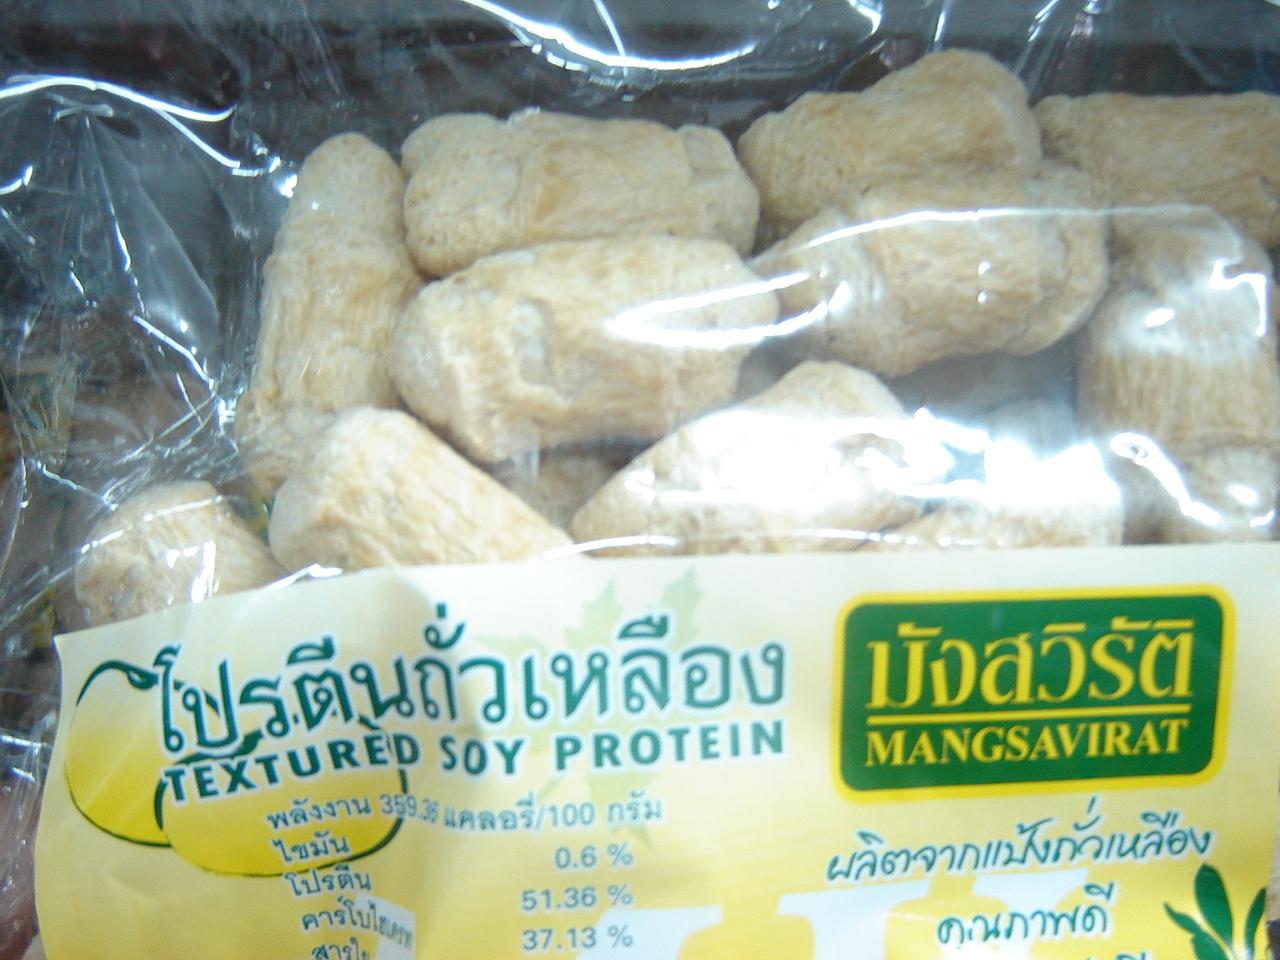 21-000-1521-1 โปรตีน FTX2000 250 ก./ซอง